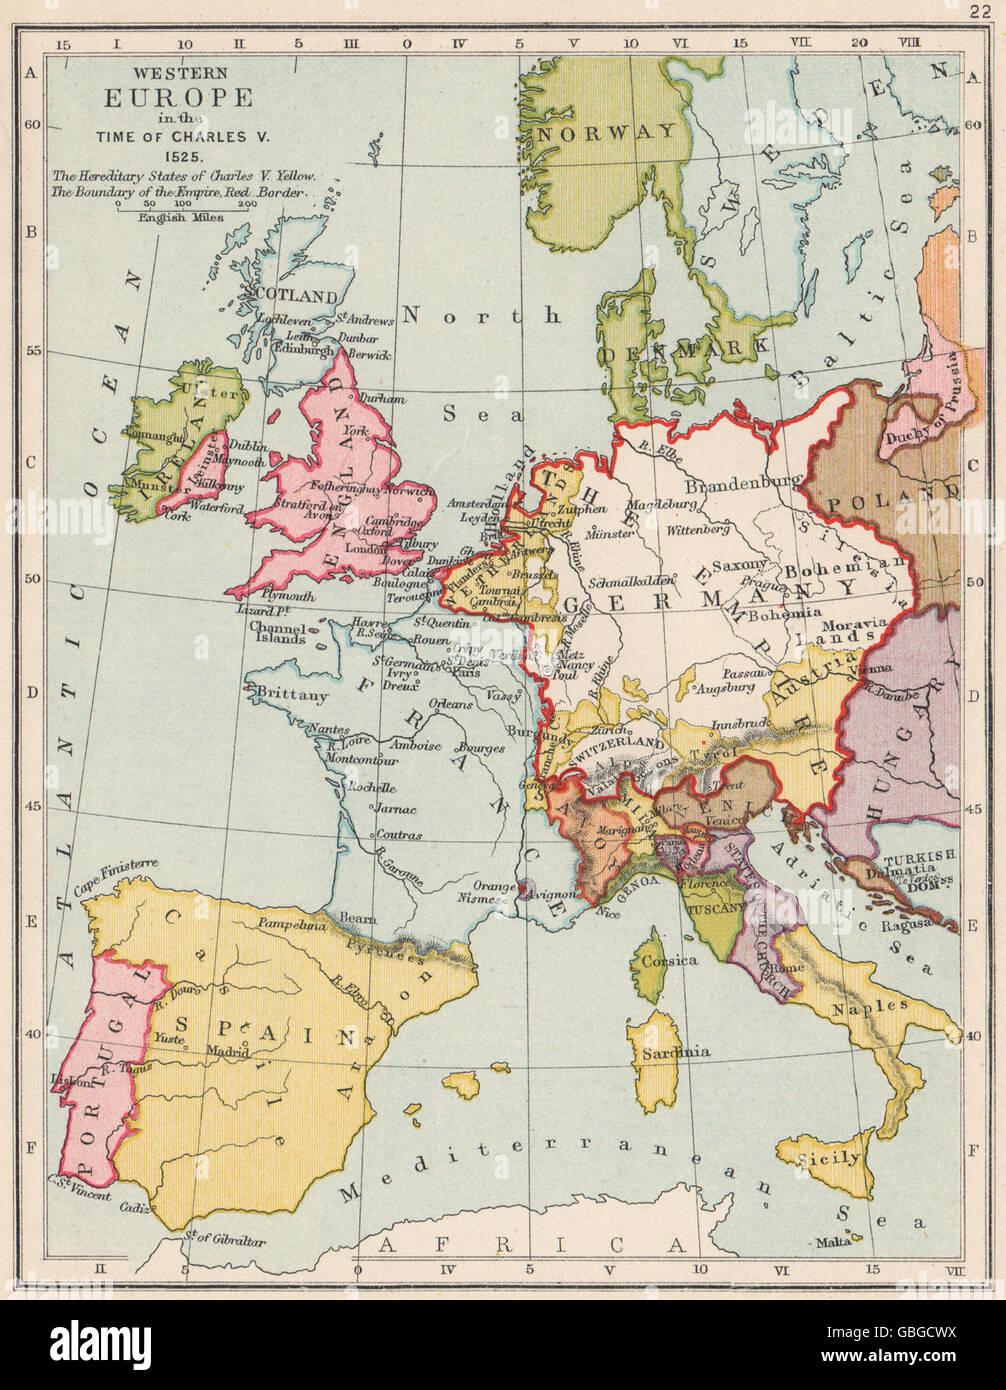 Heiligen Römischen Reiches 1525: Westeuropa in der Zeit von Charles V, 1907 alte Karte Stockbild